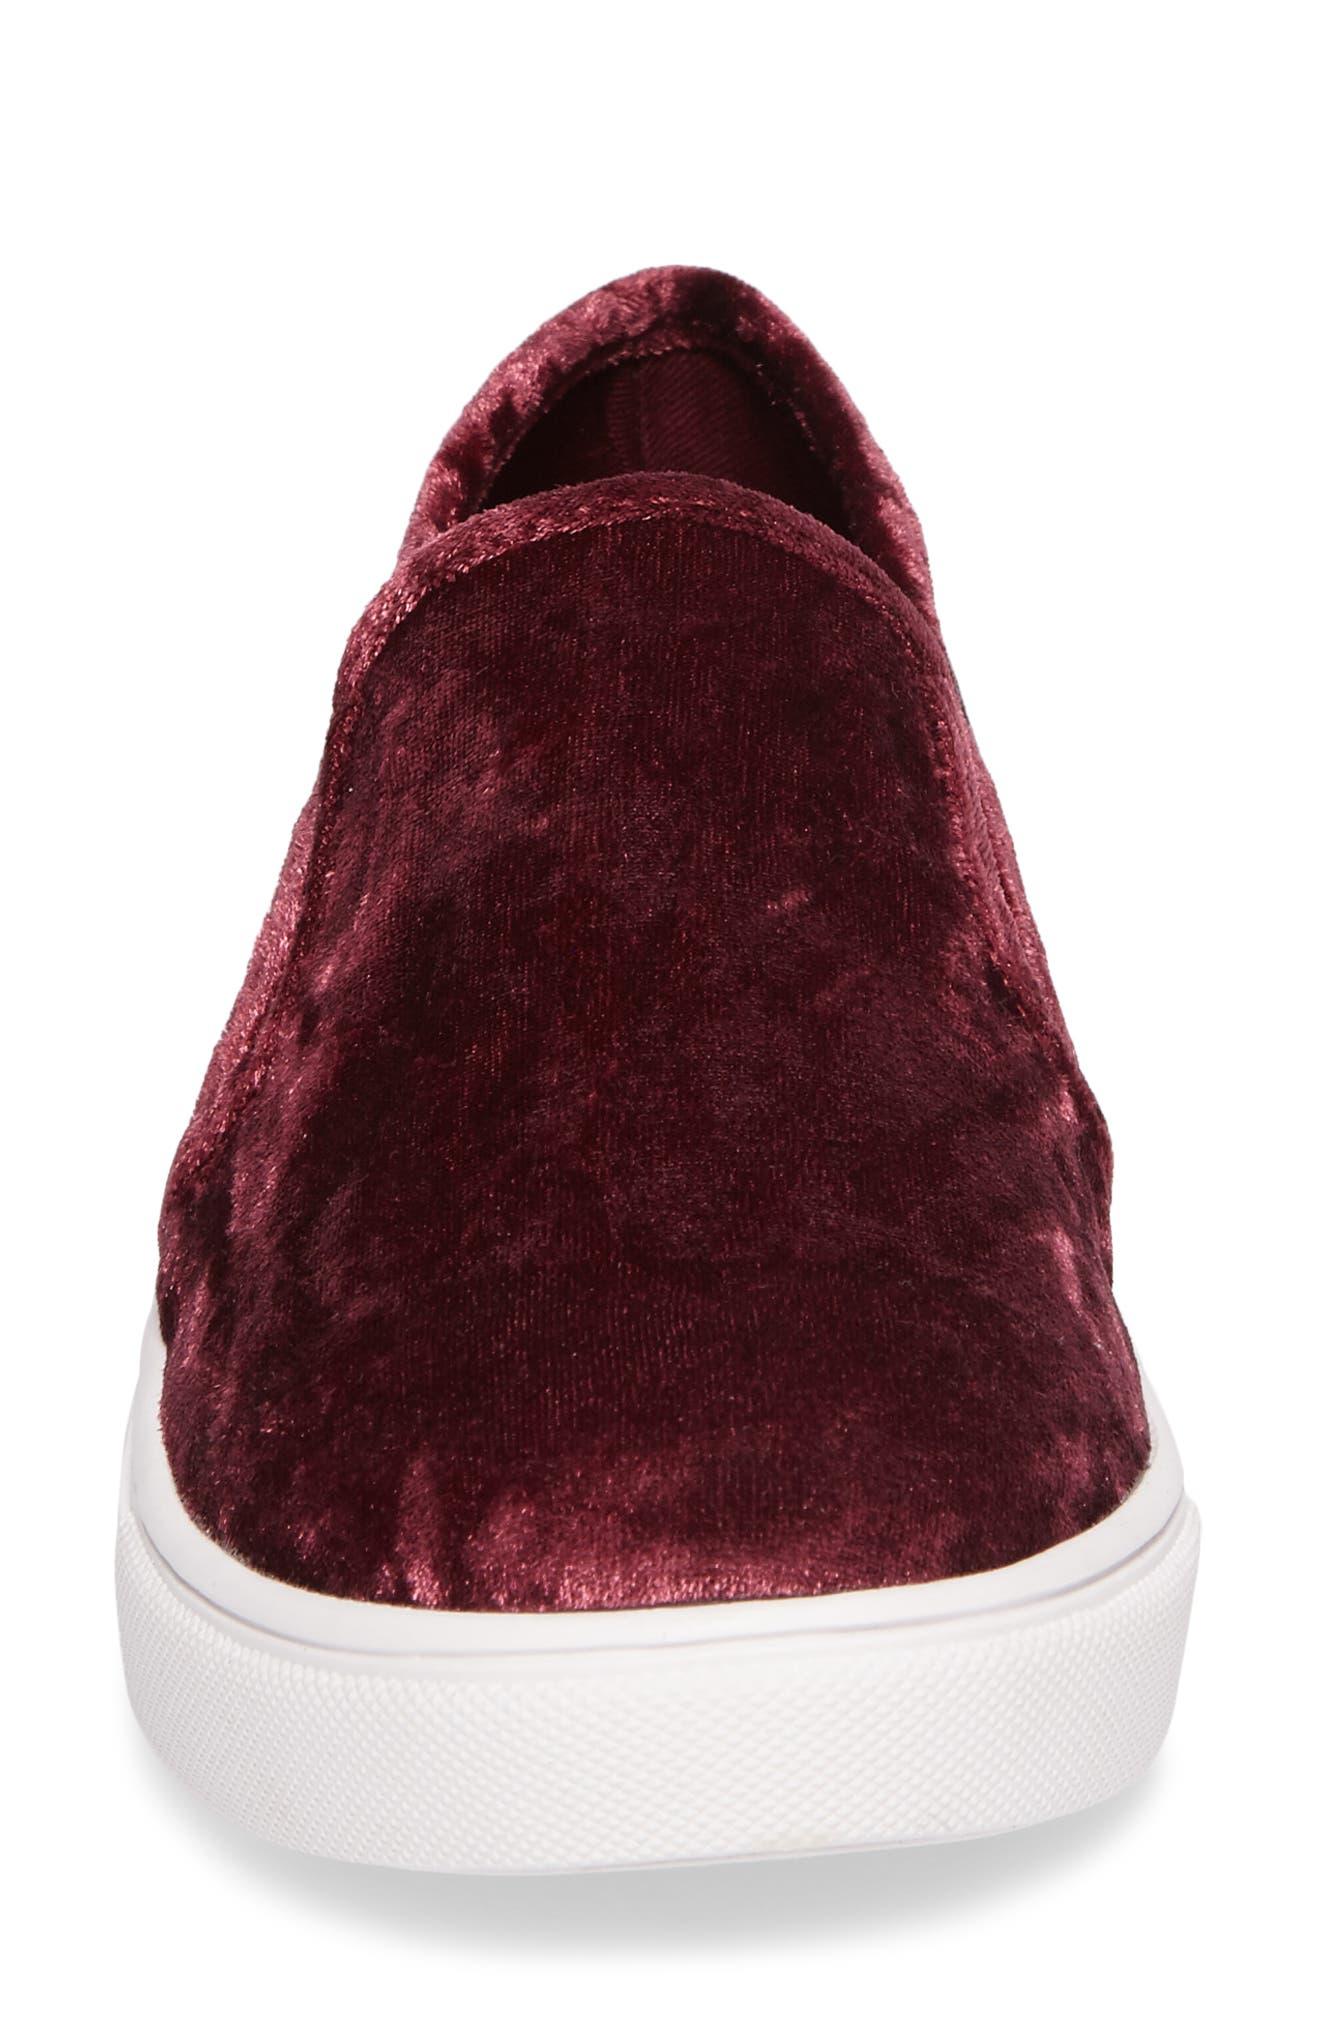 Ecntrcv Slip-On Sneaker,                             Alternate thumbnail 21, color,